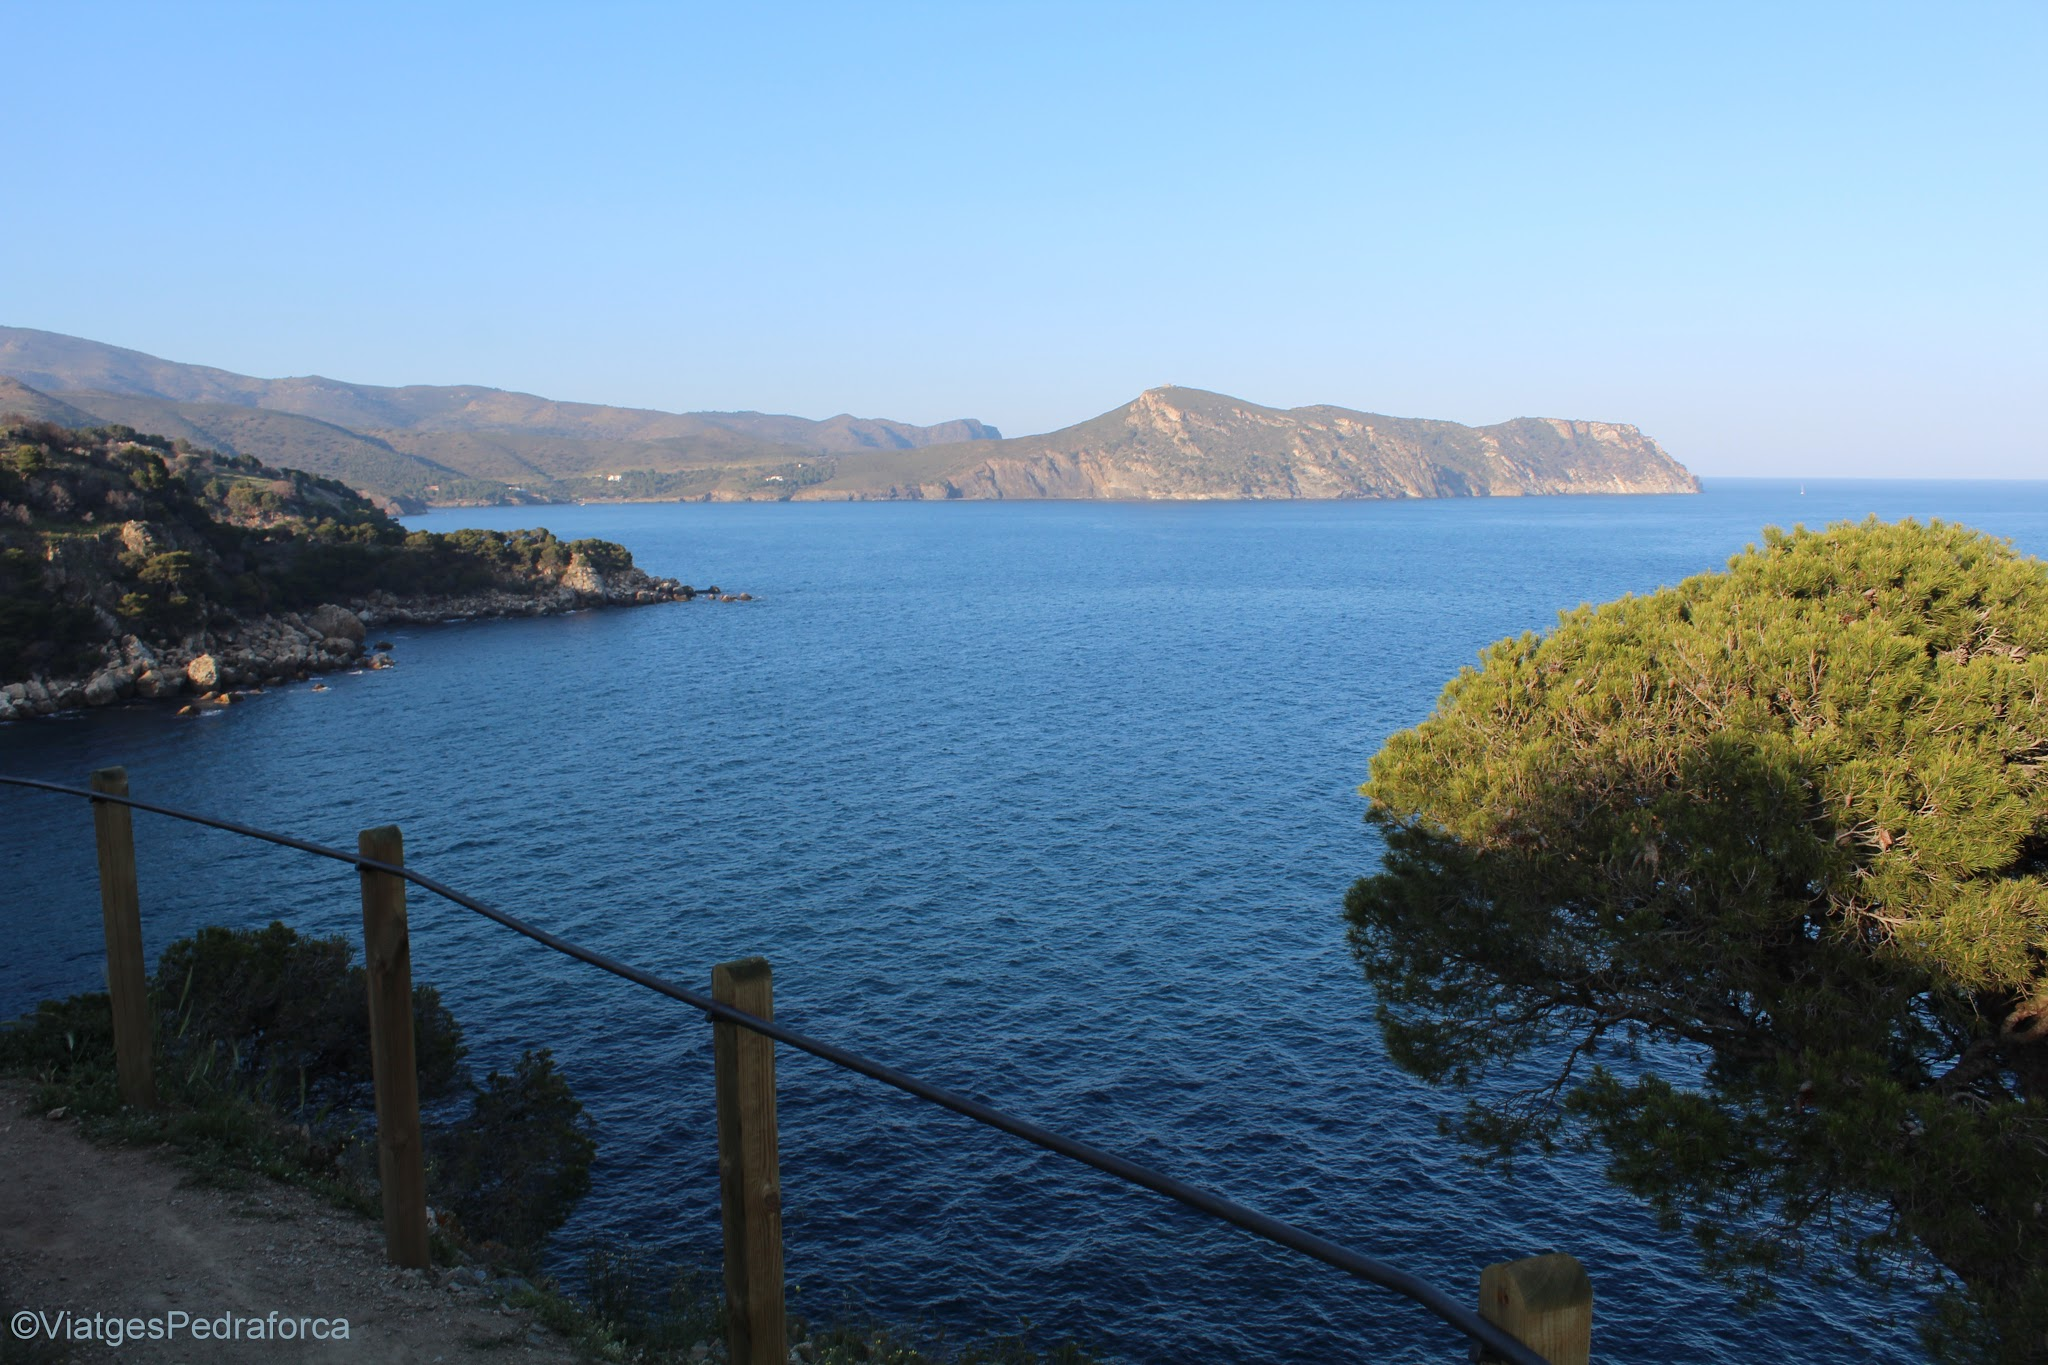 Cap Norfeu, Parc natural del Cap de Creus, senderisme, excursions fàcils per la Costa Brava, Alt Empordà